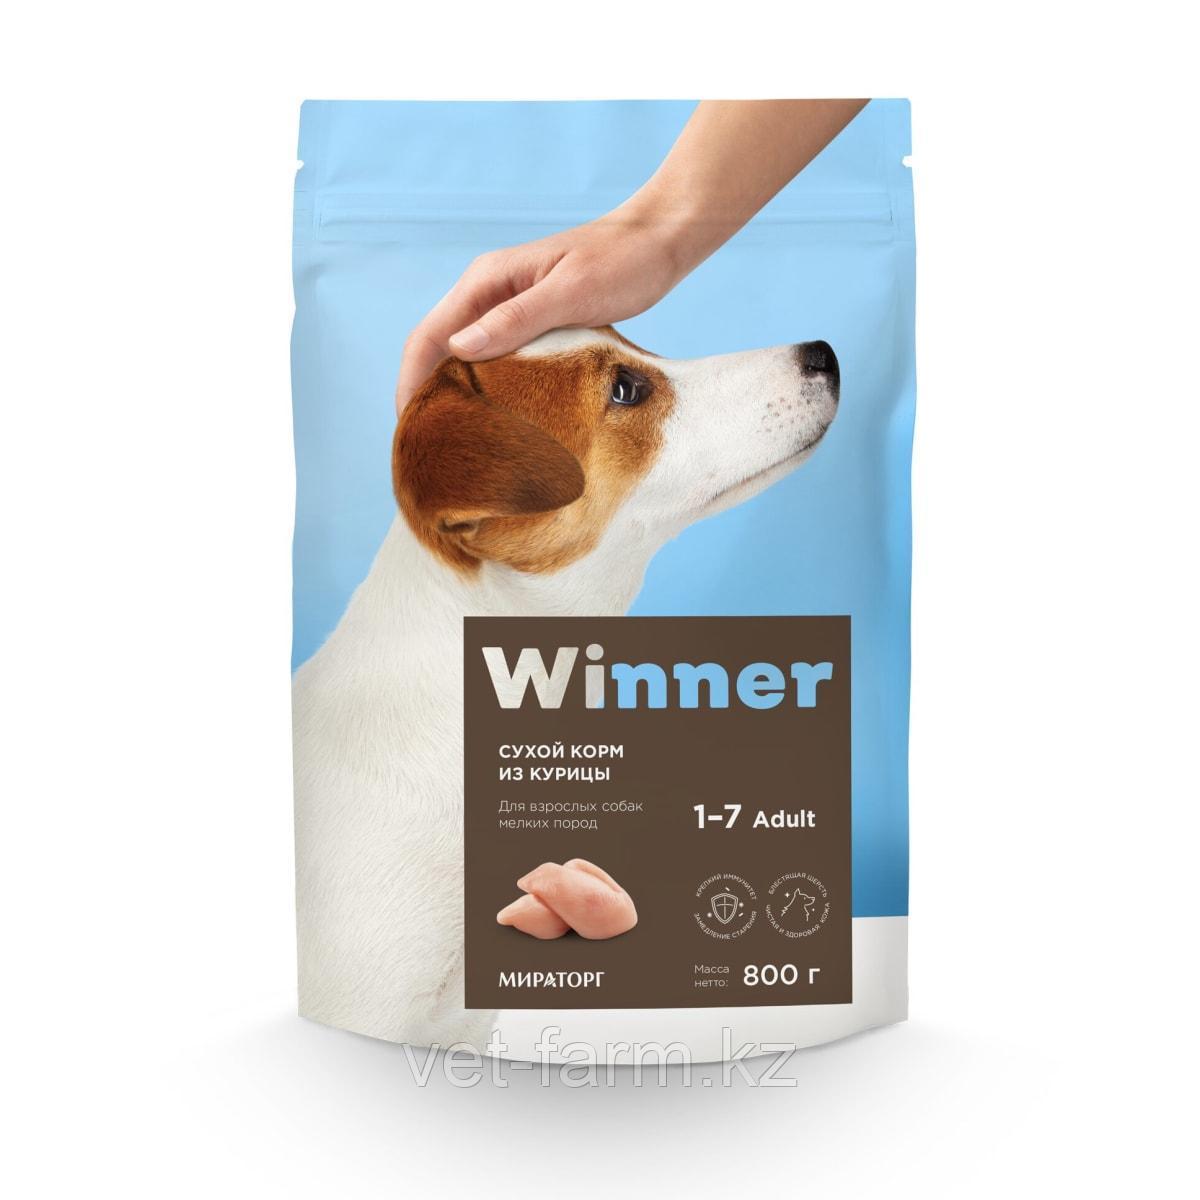 Сухой корм для собак Winner для взрослых собак мелких пород из курицы 3 кг